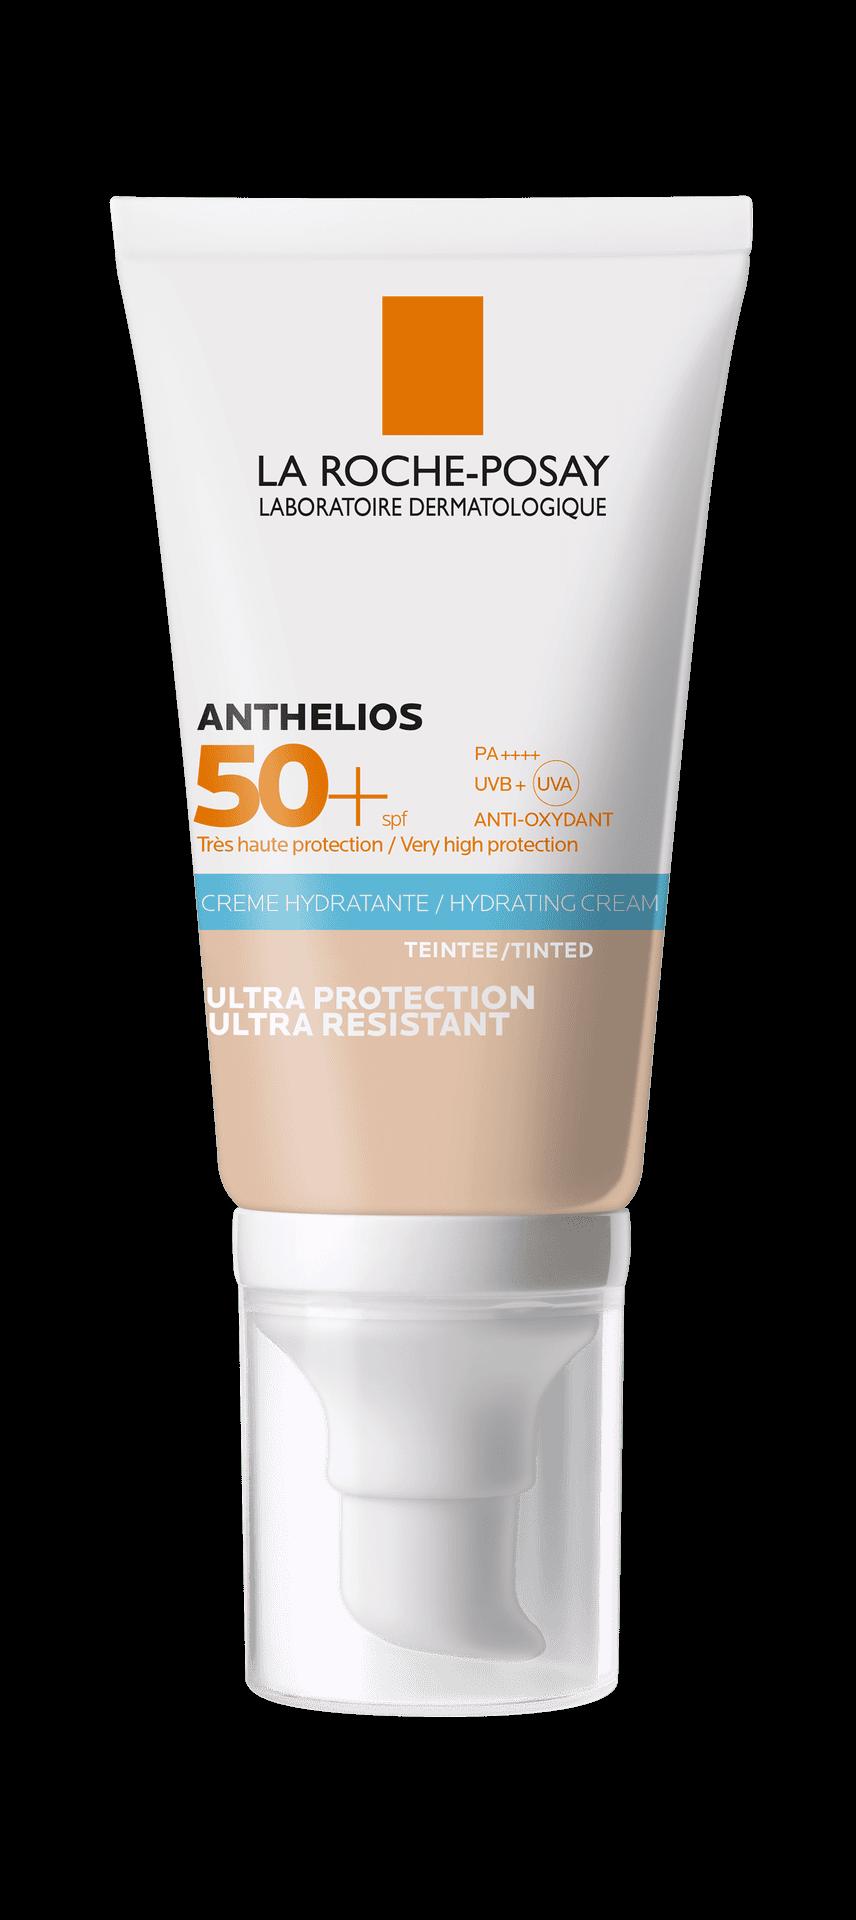 ANTHELIOS CREMA HIDRATANTE SPF50+ CON COLOR